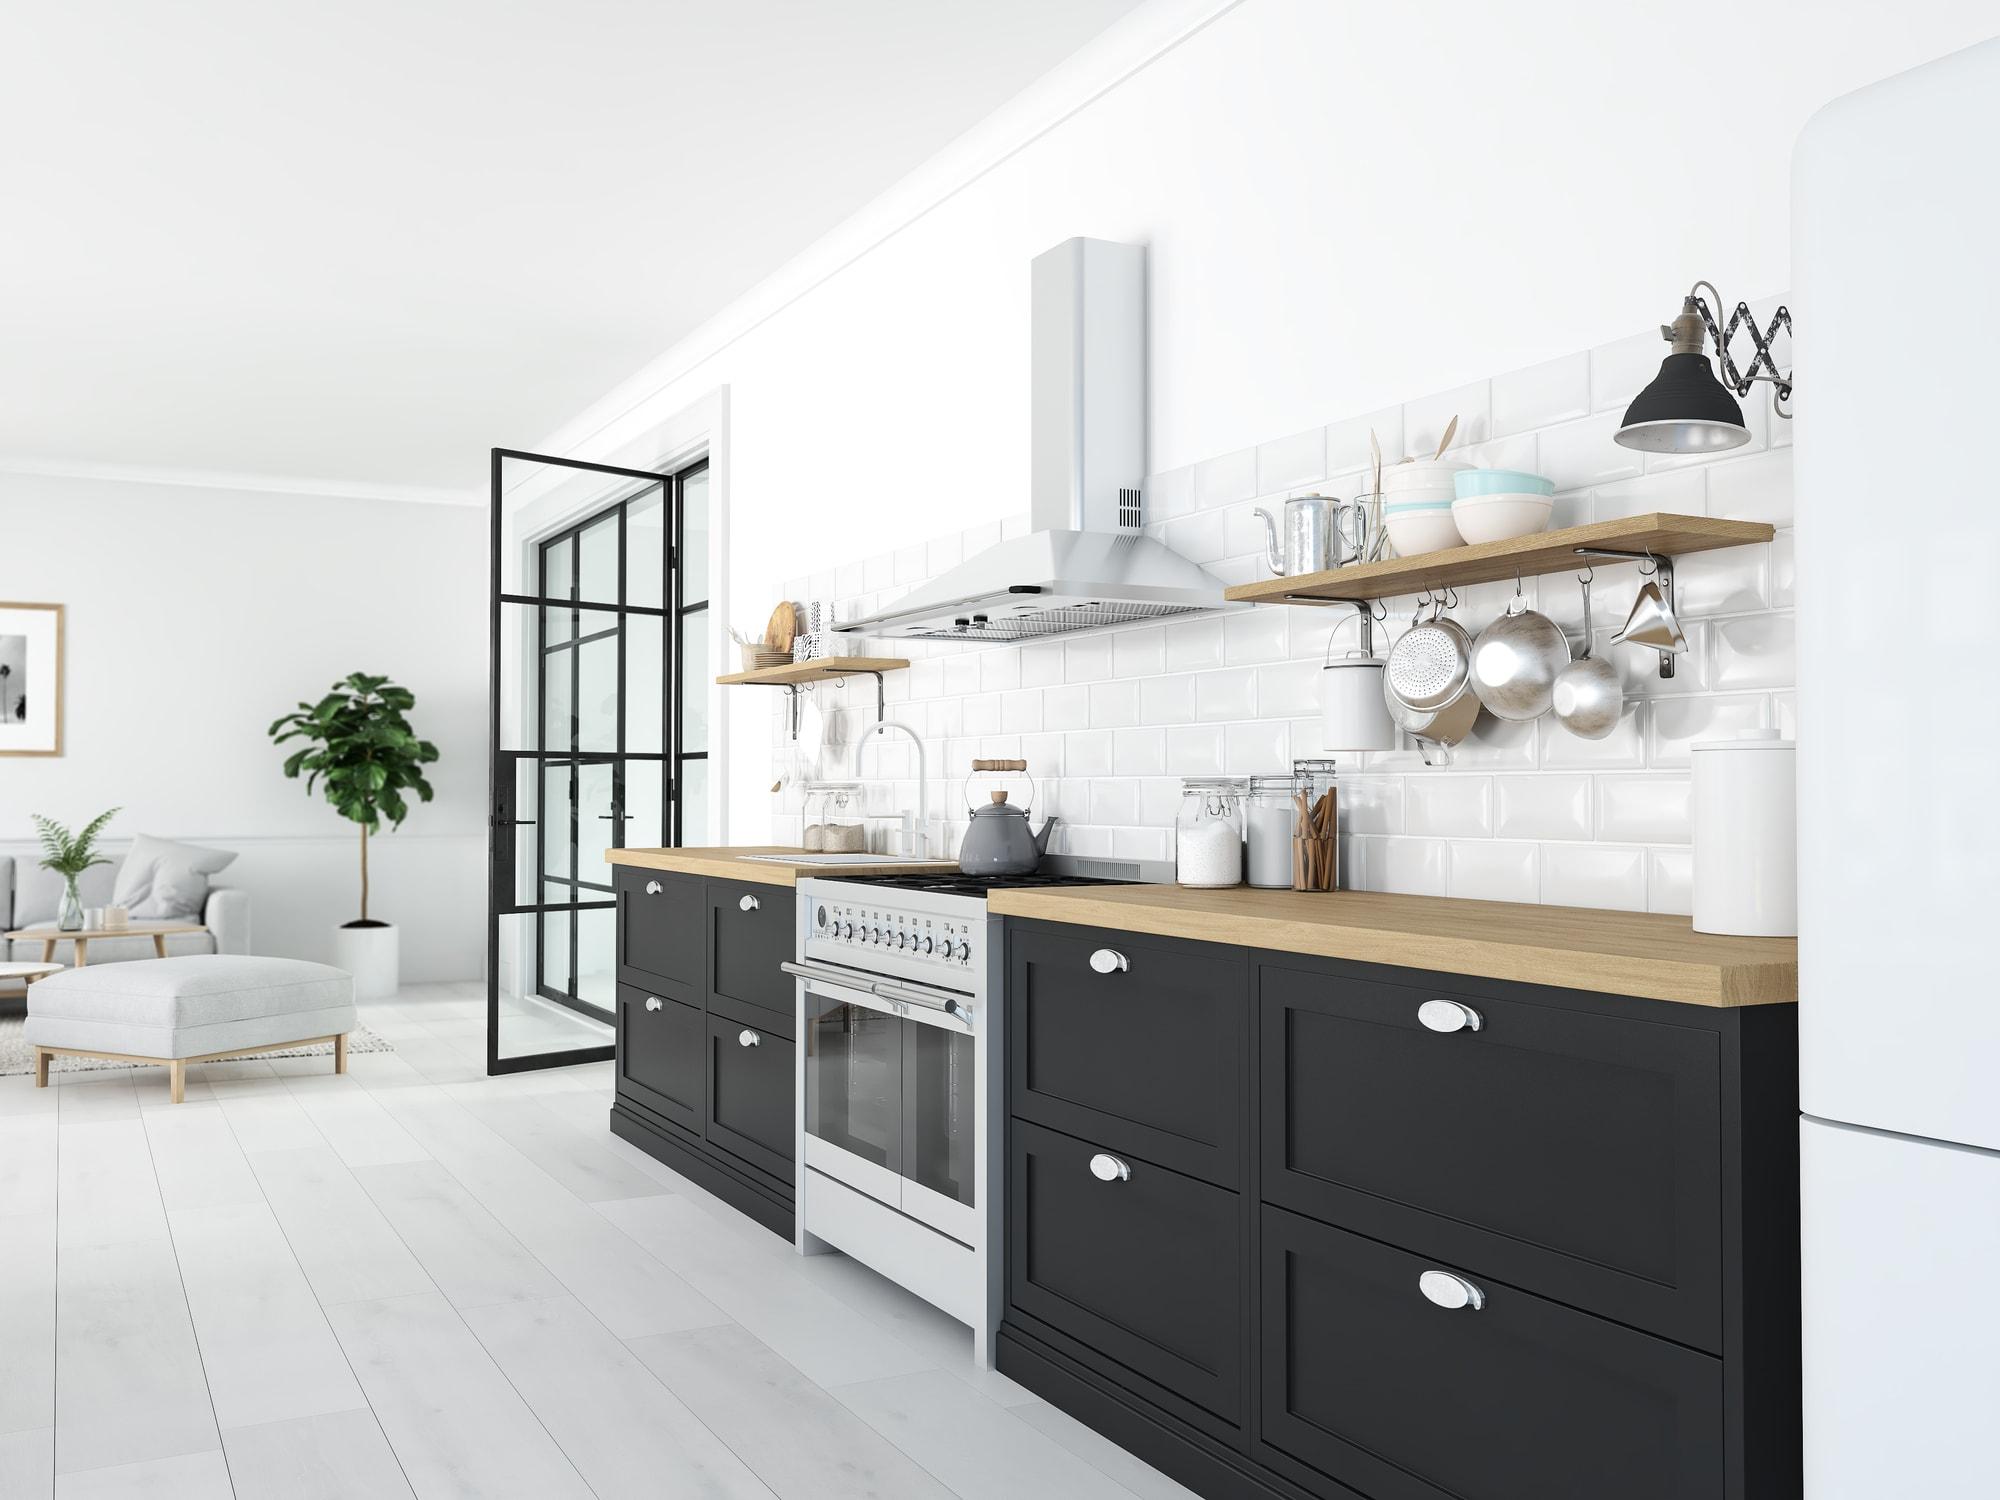 Jakie płytki do kuchni - białe